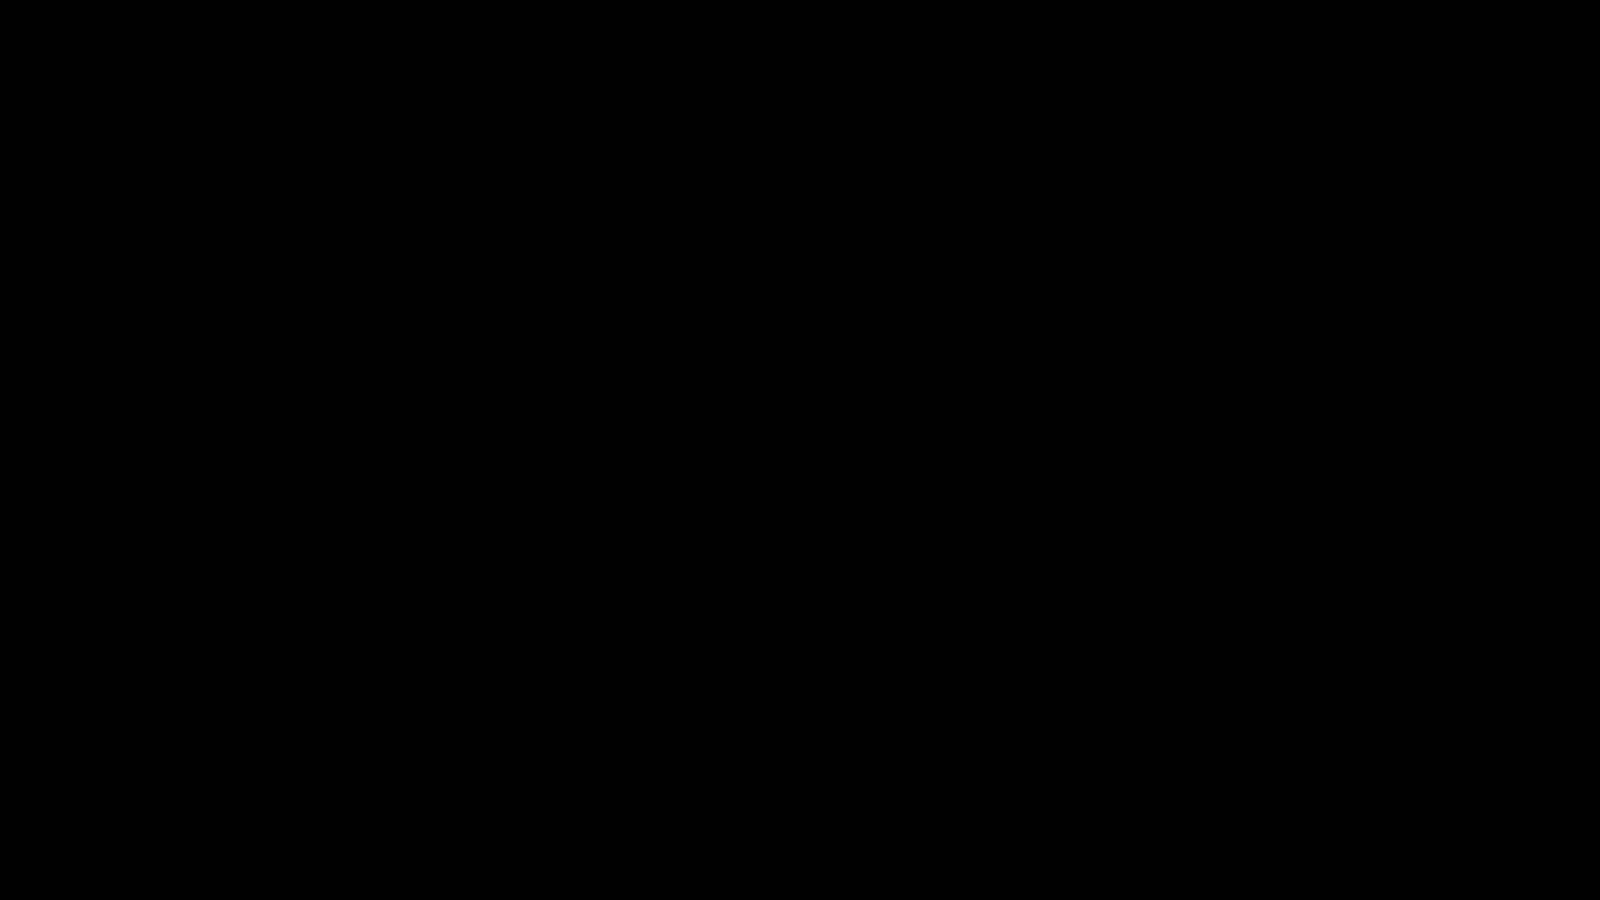 Silhueta invertida - Pássaro PNG